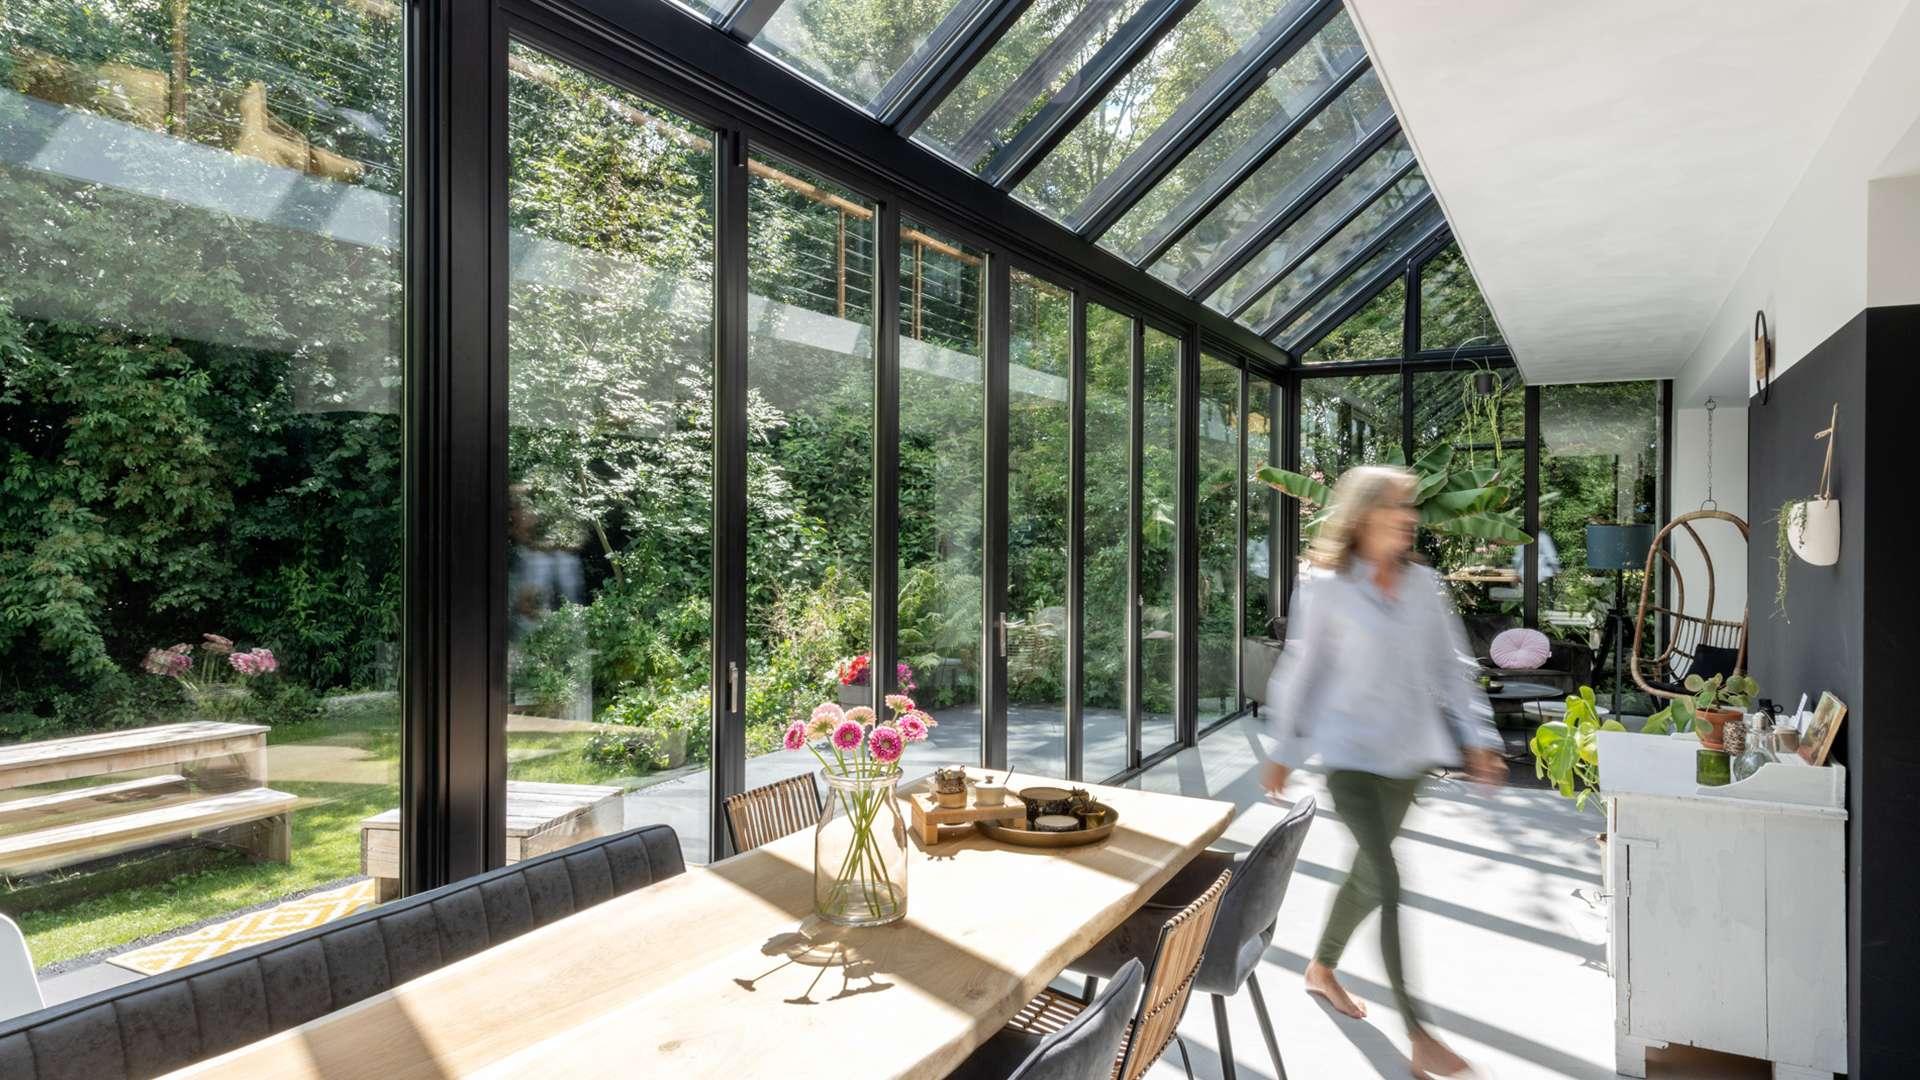 langer Wintergarten mit Esstisch und Blick ins Grüne